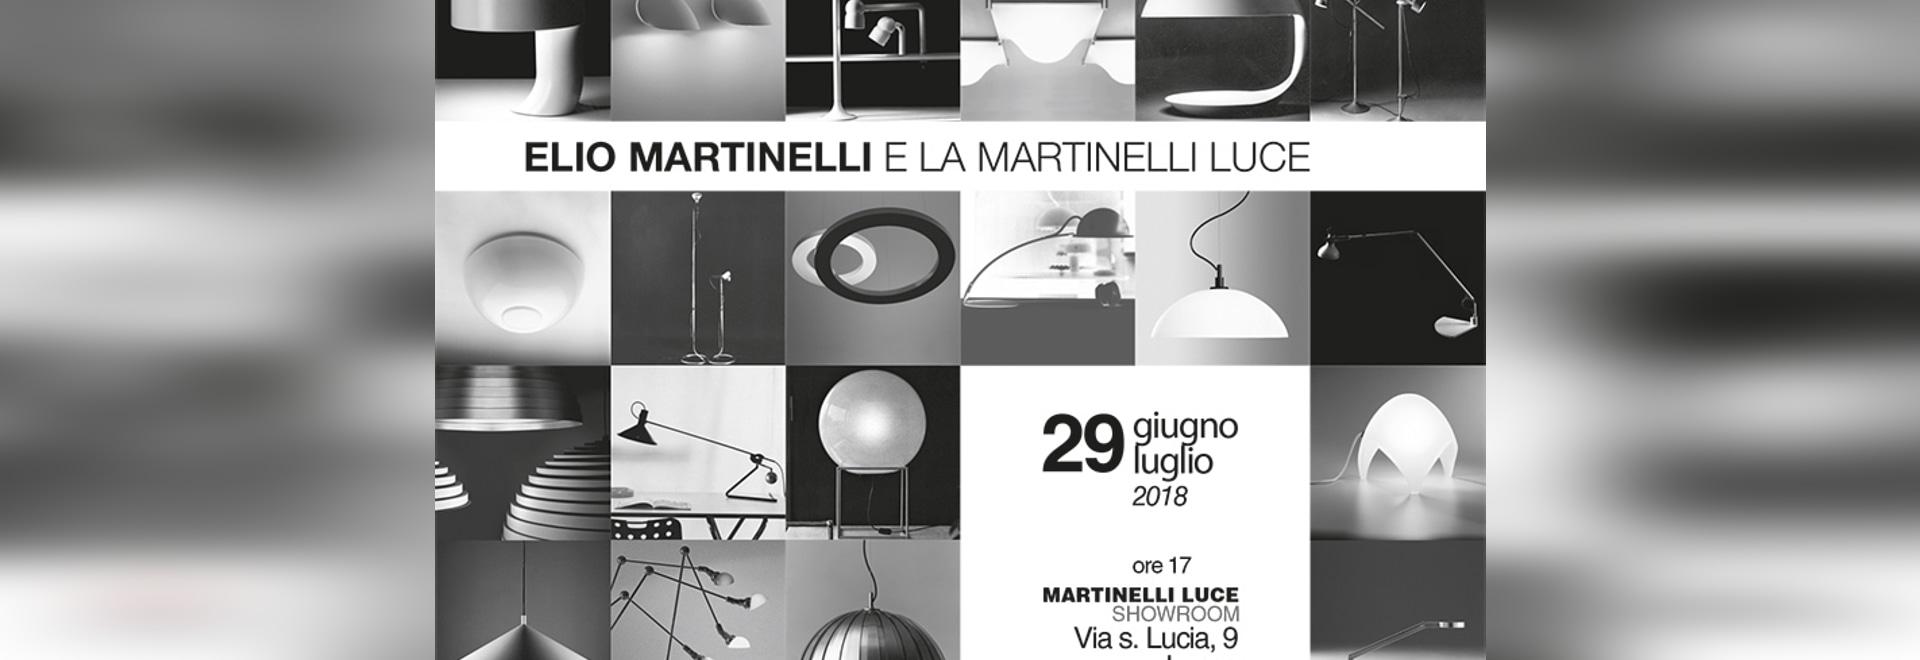 La exposición dedicada a los movimientos de Elio Martinelli de Milán a Lucca